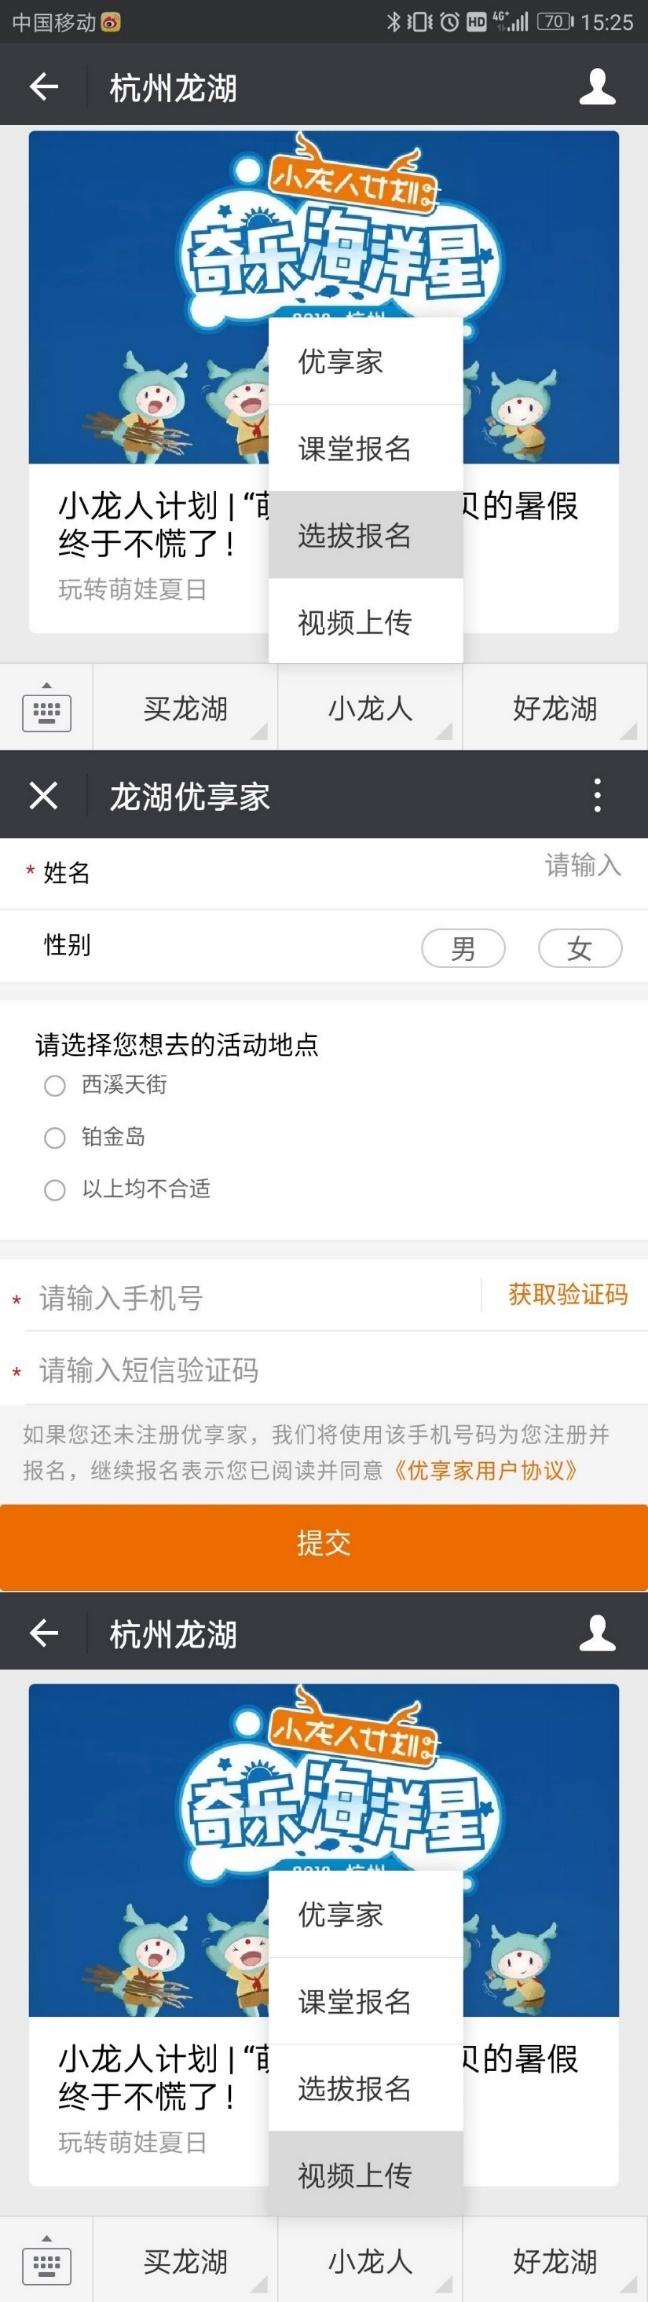 杭州龙湖小龙人计划放飞你的暑假